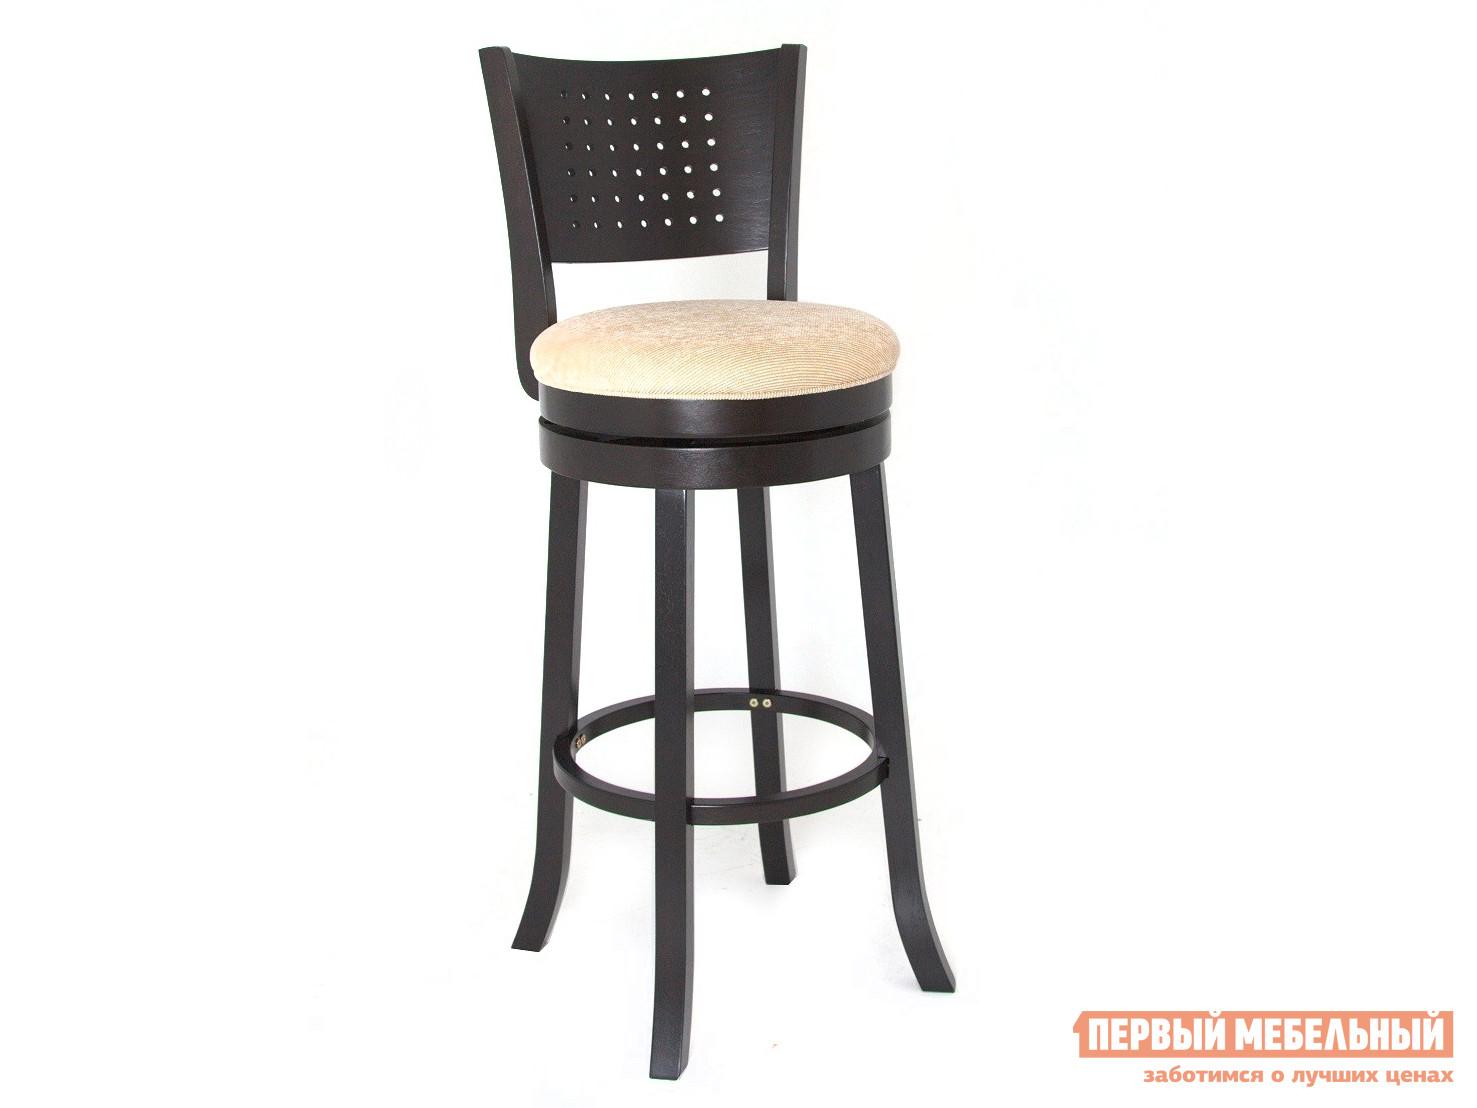 Барный стул со спинкой Red and Black 299161 Барный крутящийся стул стул барный avanti bcr first